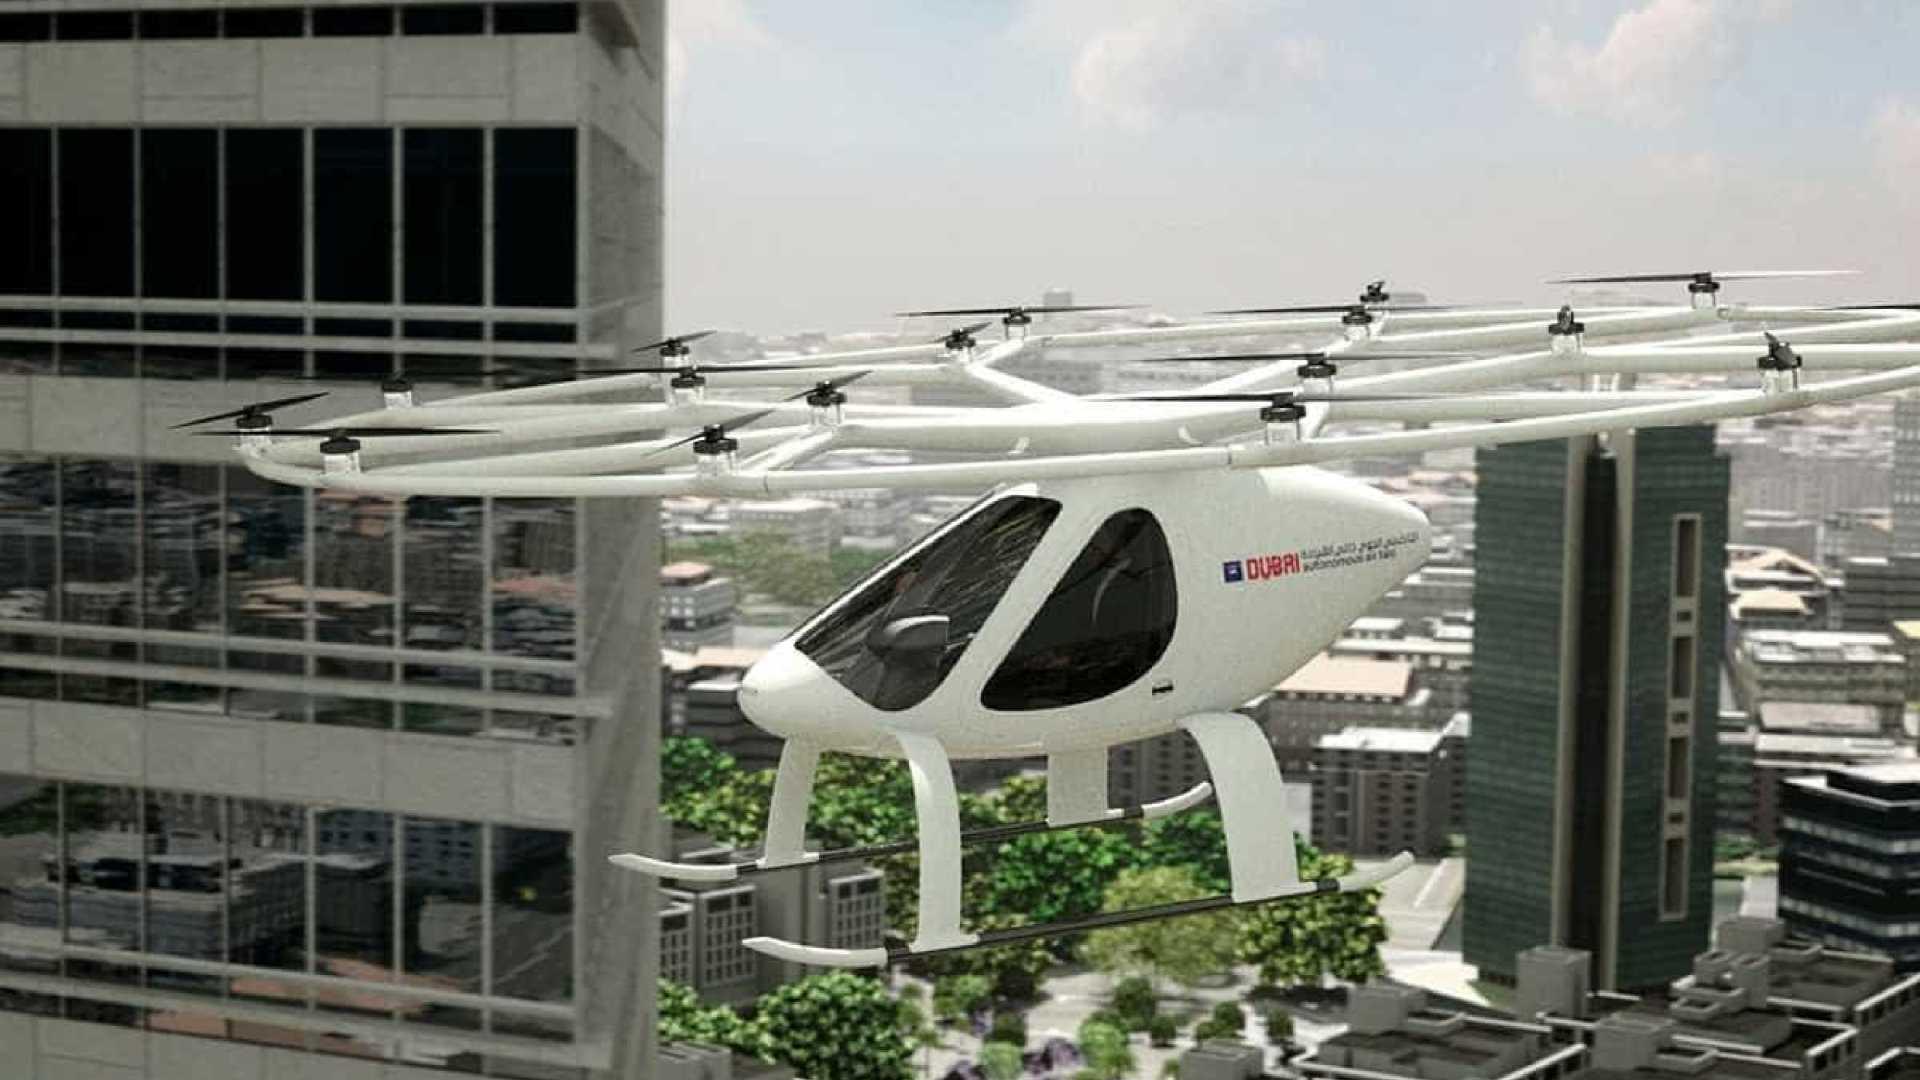 EAU: Táxi voador autónomo foi testado com sucesso no Dubai